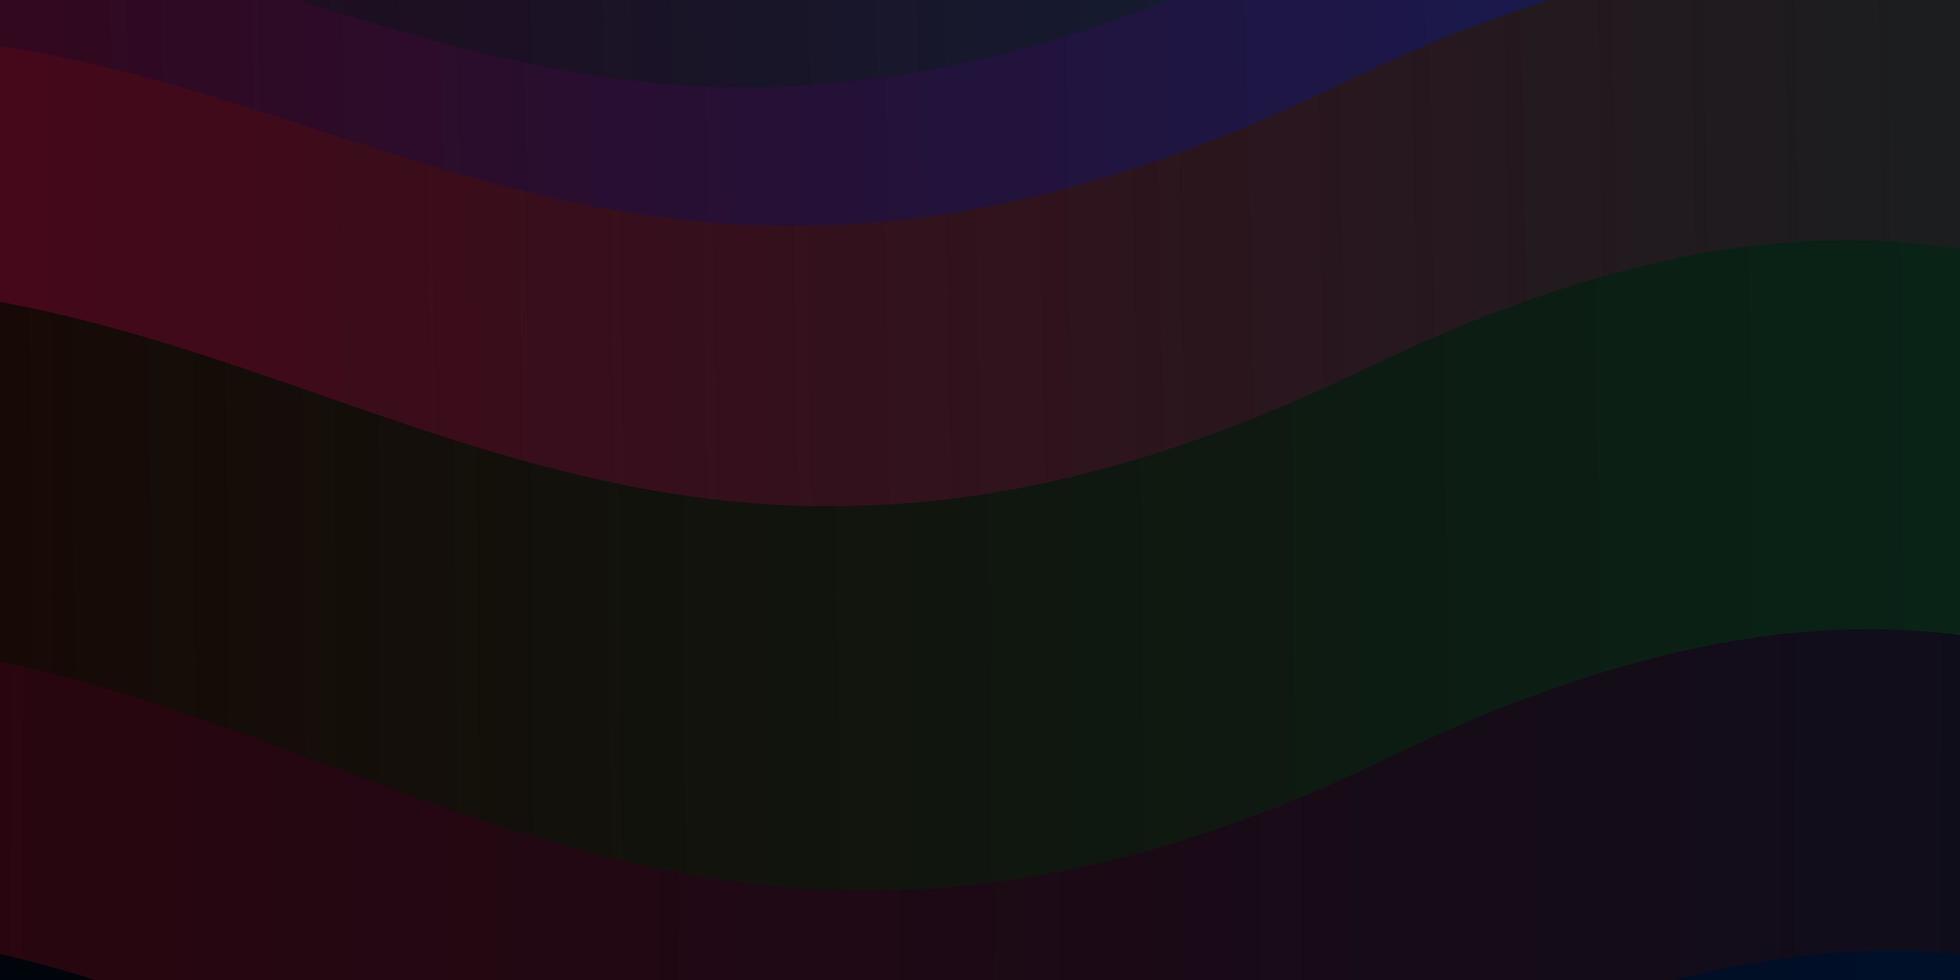 donkere veelkleurige vector sjabloon met lijnen.